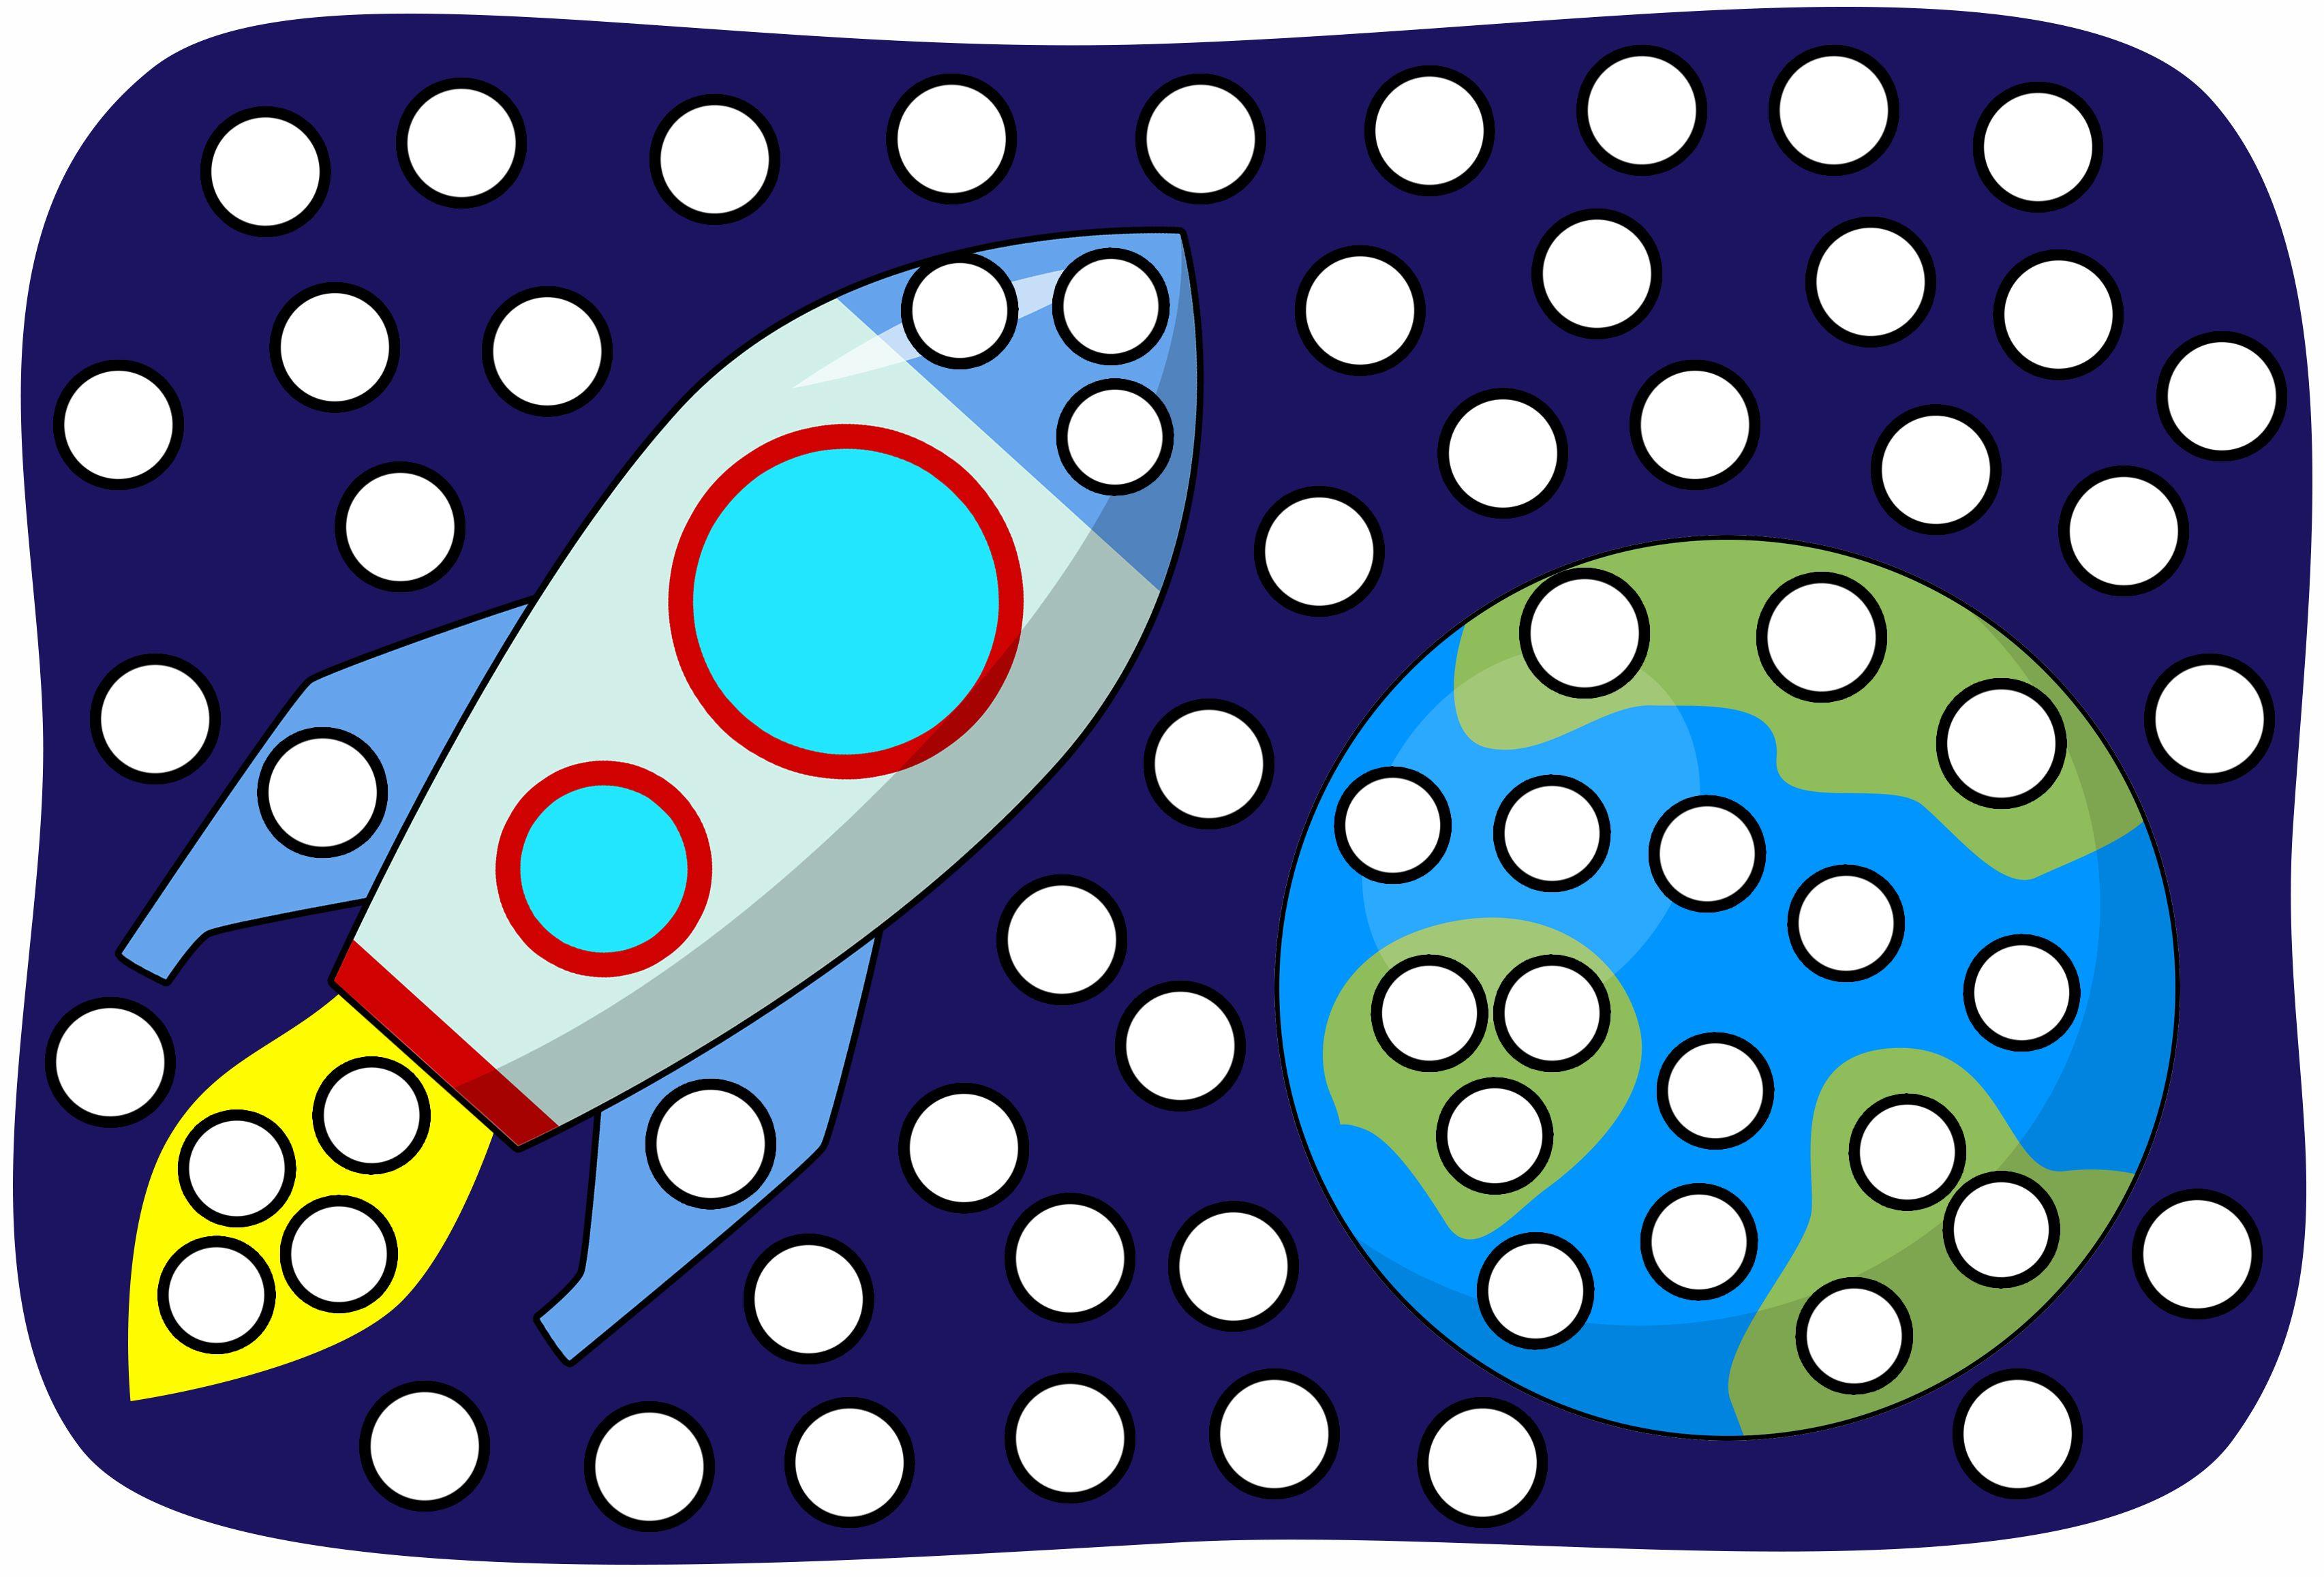 идеальное набор картинок раскрасок для пластилина или пальчикового рисования зимние заплатки вторичному авторынку